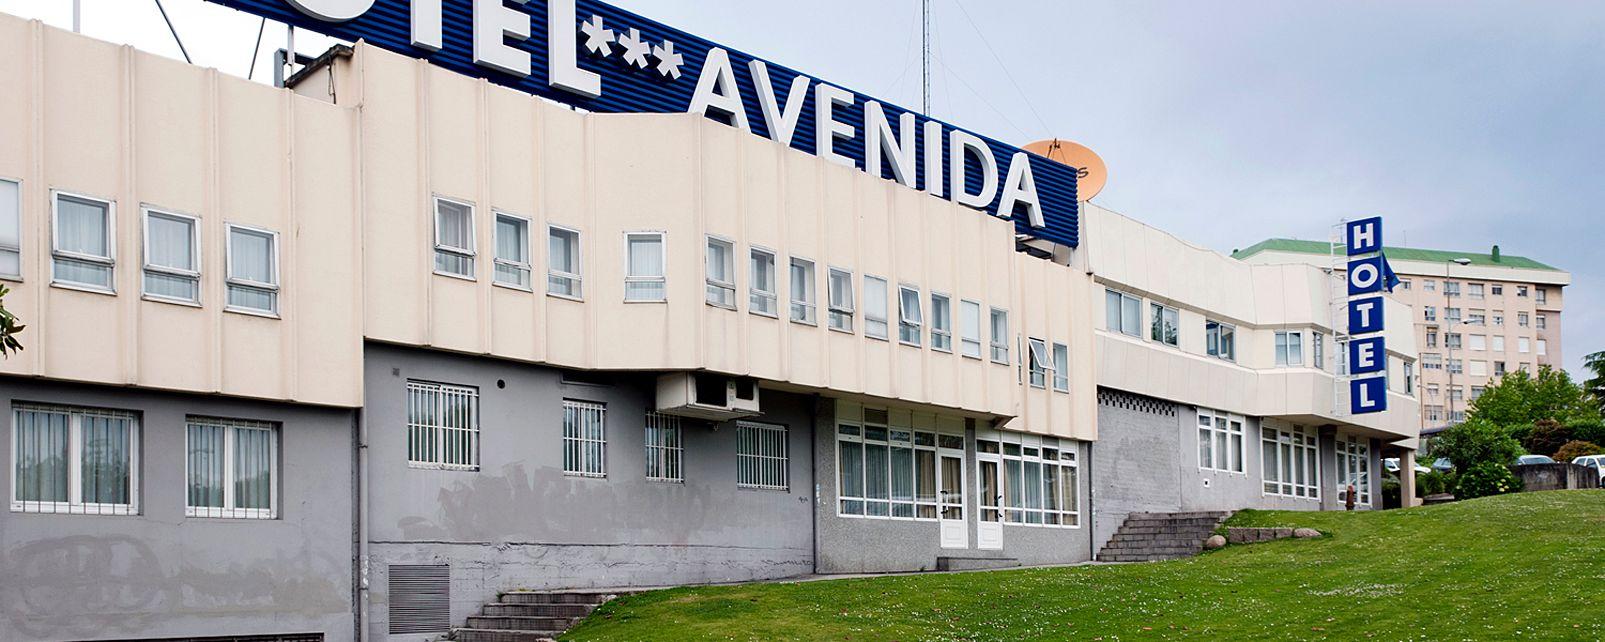 Hôtel Avenida